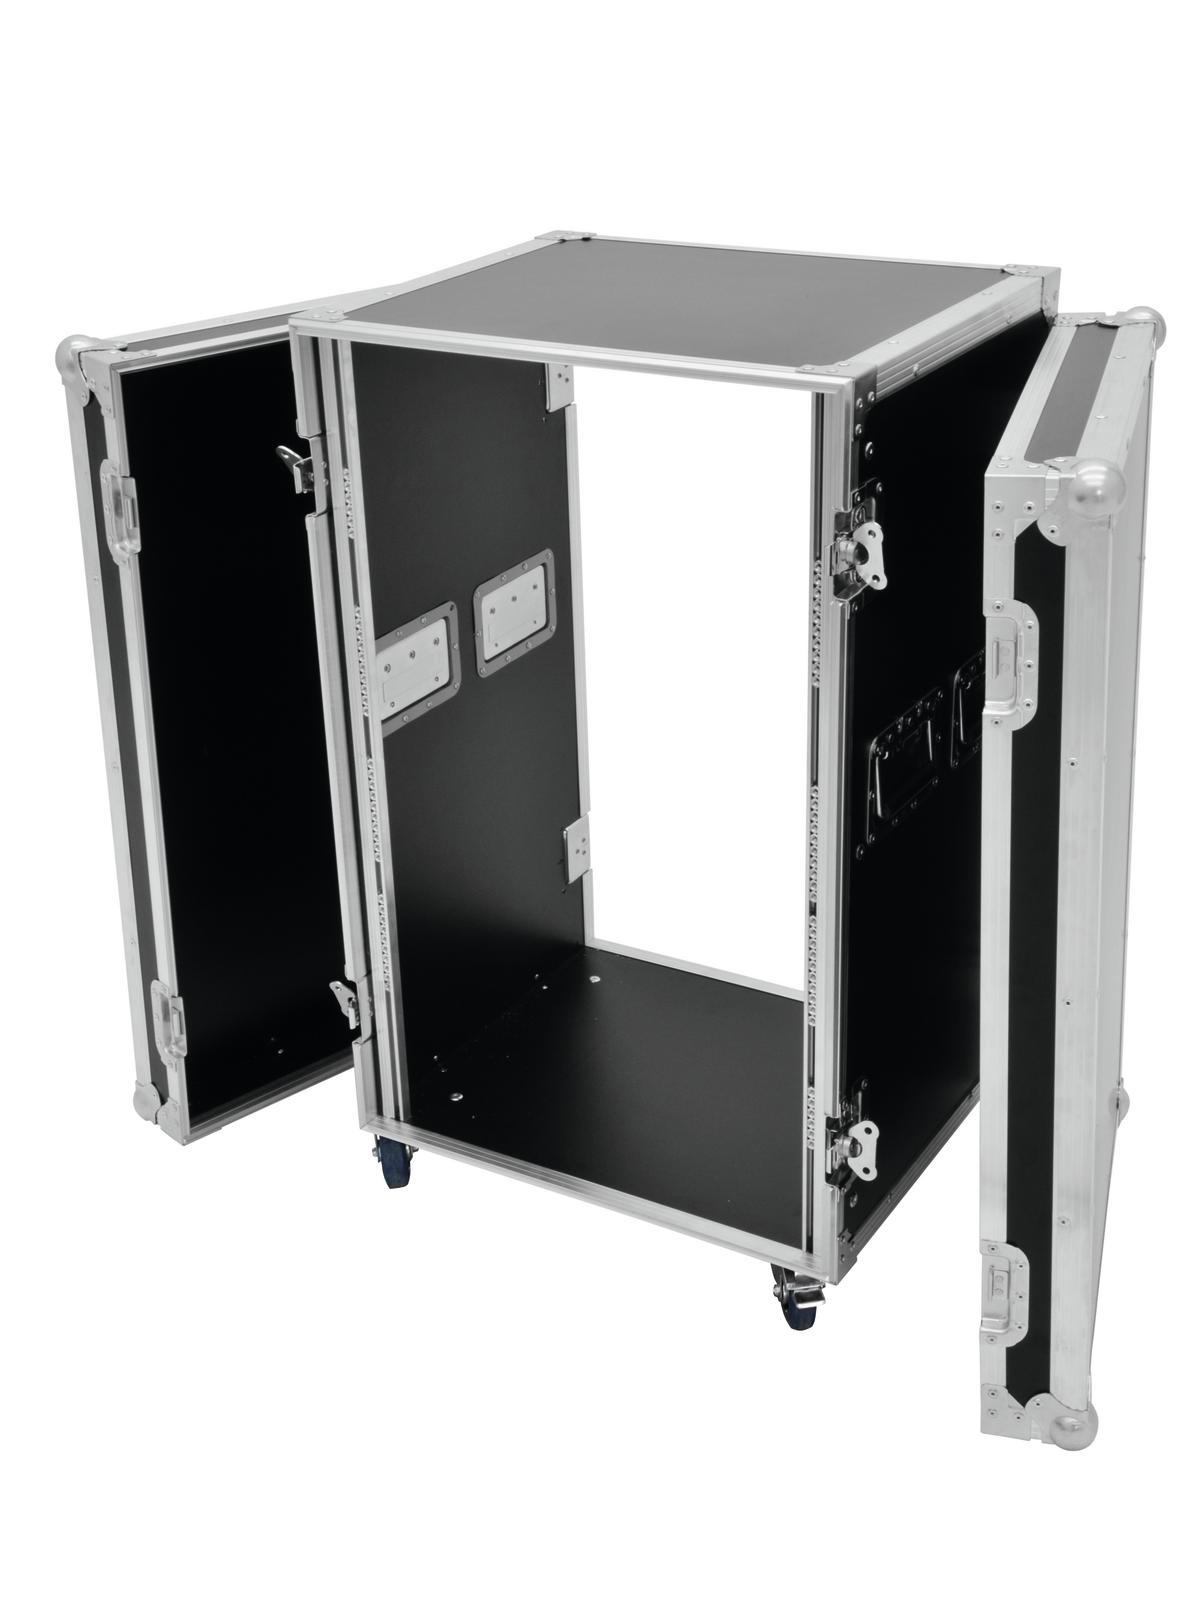 Flight case Rack Per il trasporto Di amplificatori 20U, 45cm Profi ROADINGER Ner